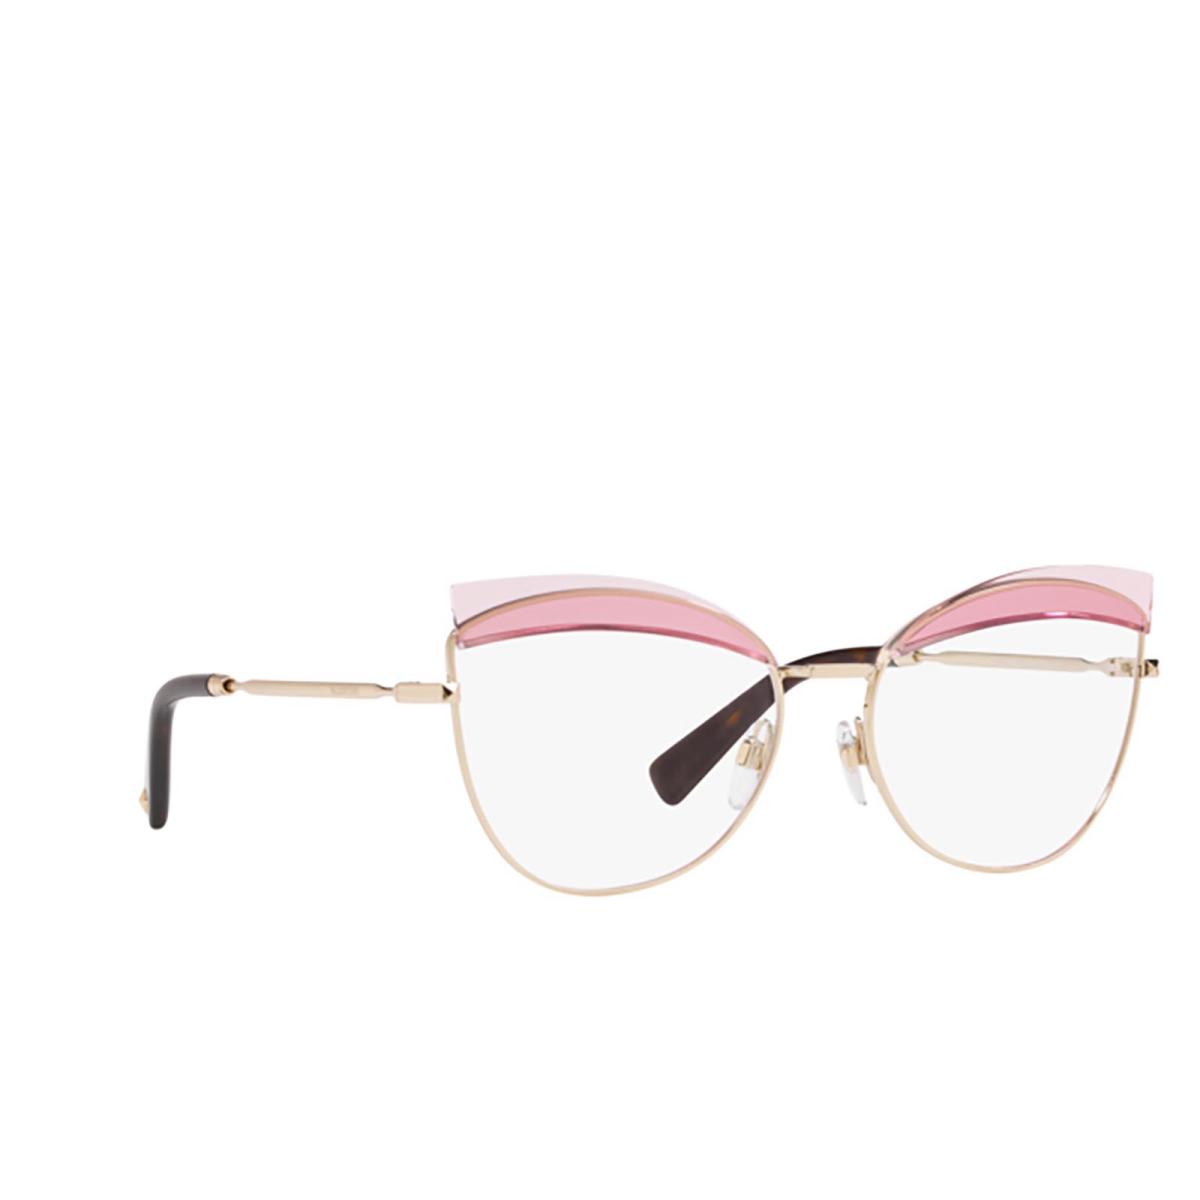 Valentino® Butterfly Eyeglasses: VA1014 color Light Gold 3003.